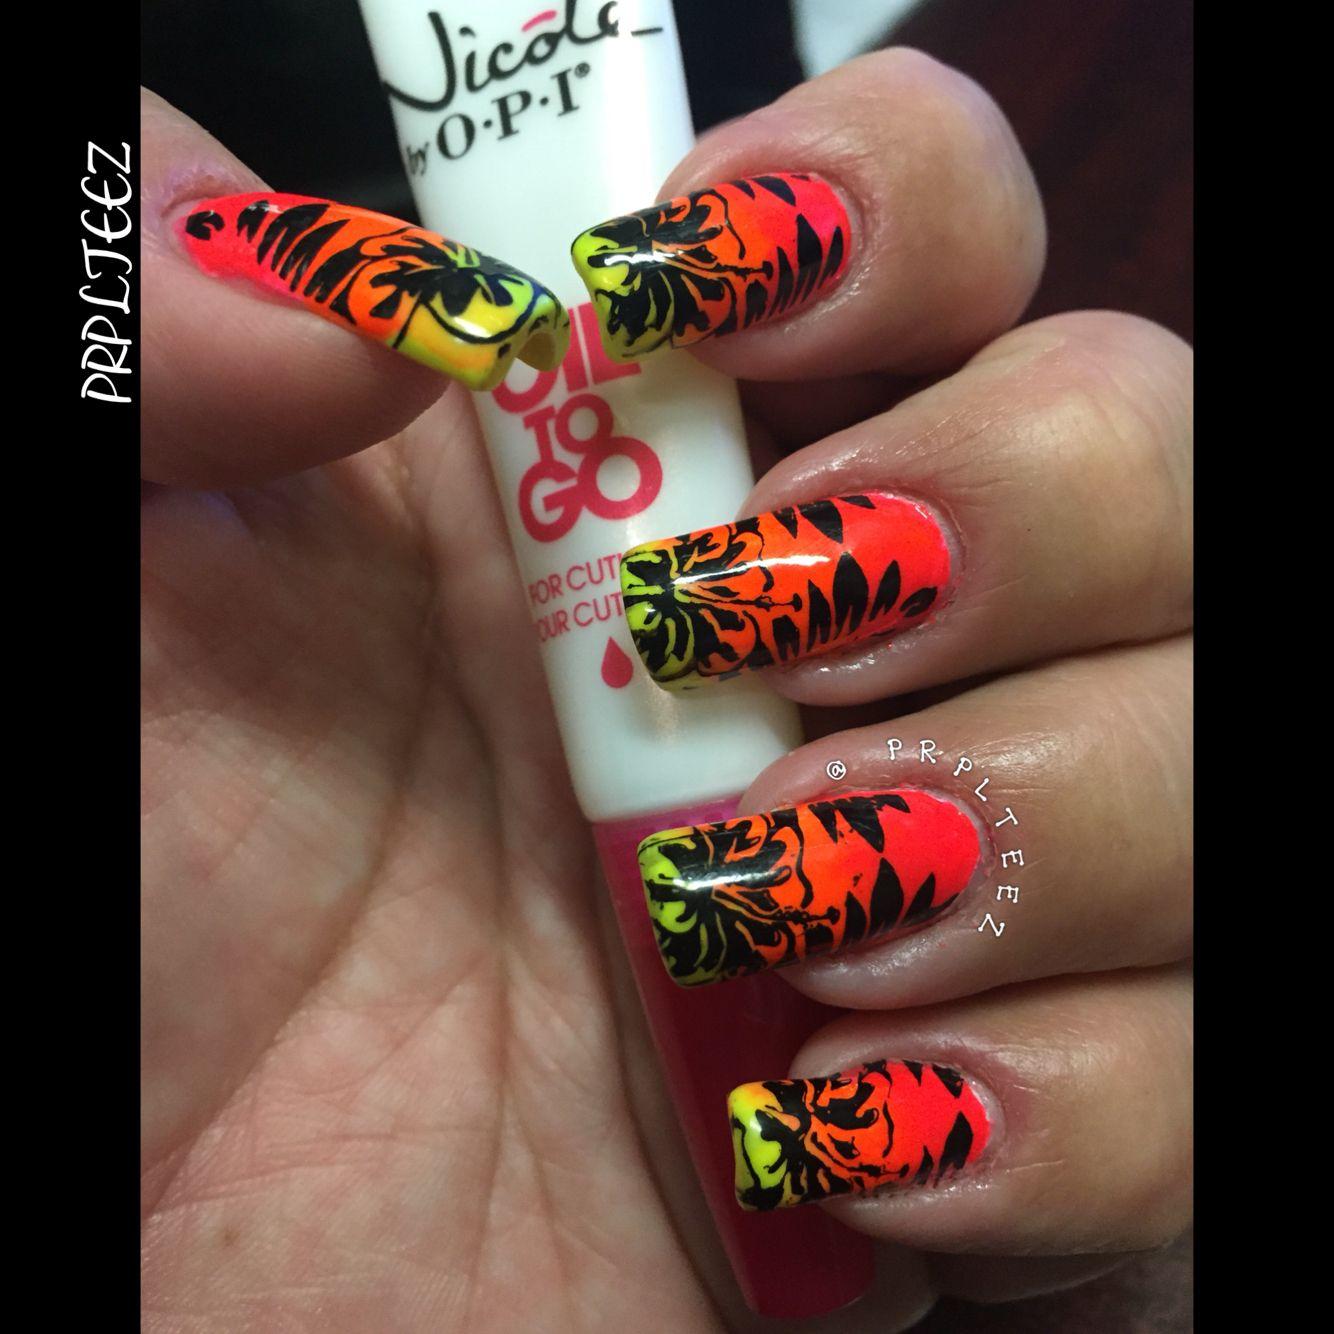 #nails #neon #nailpolish #nailstamping #MoyouLondonUK #tropical #nailaddict